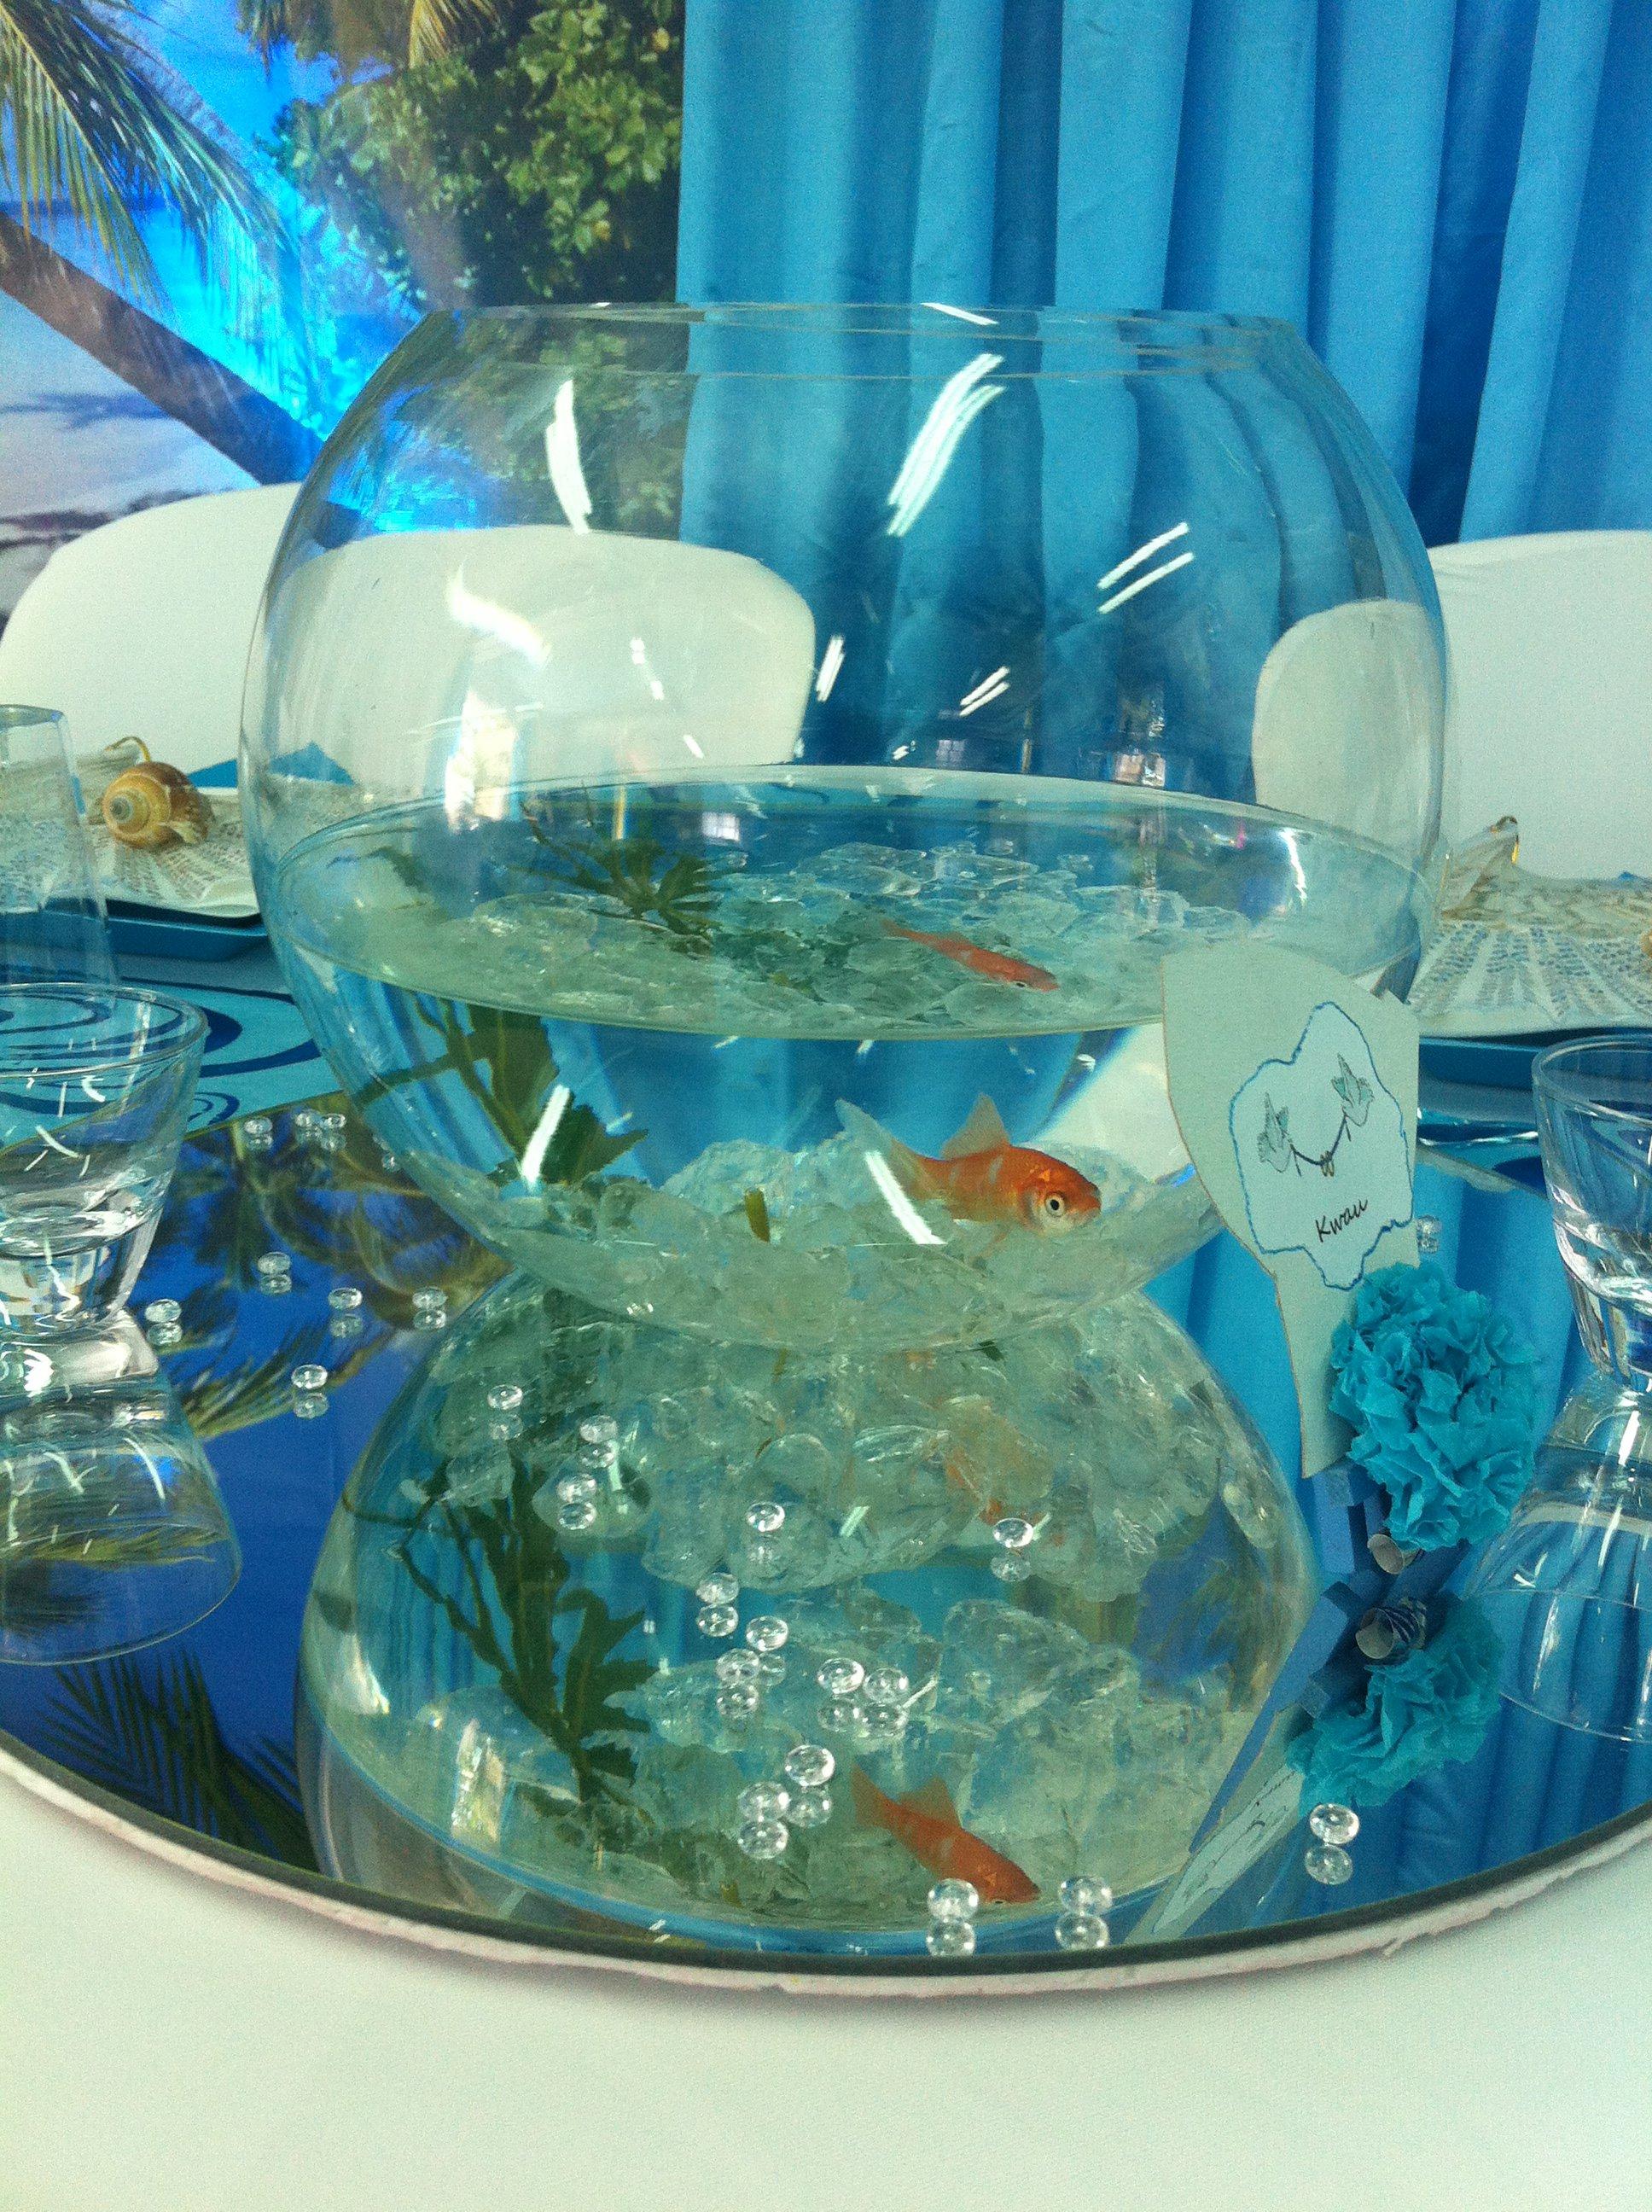 Mariage aquarium poisson centre de table theme exotique for Aquarium vase pour poisson rouge